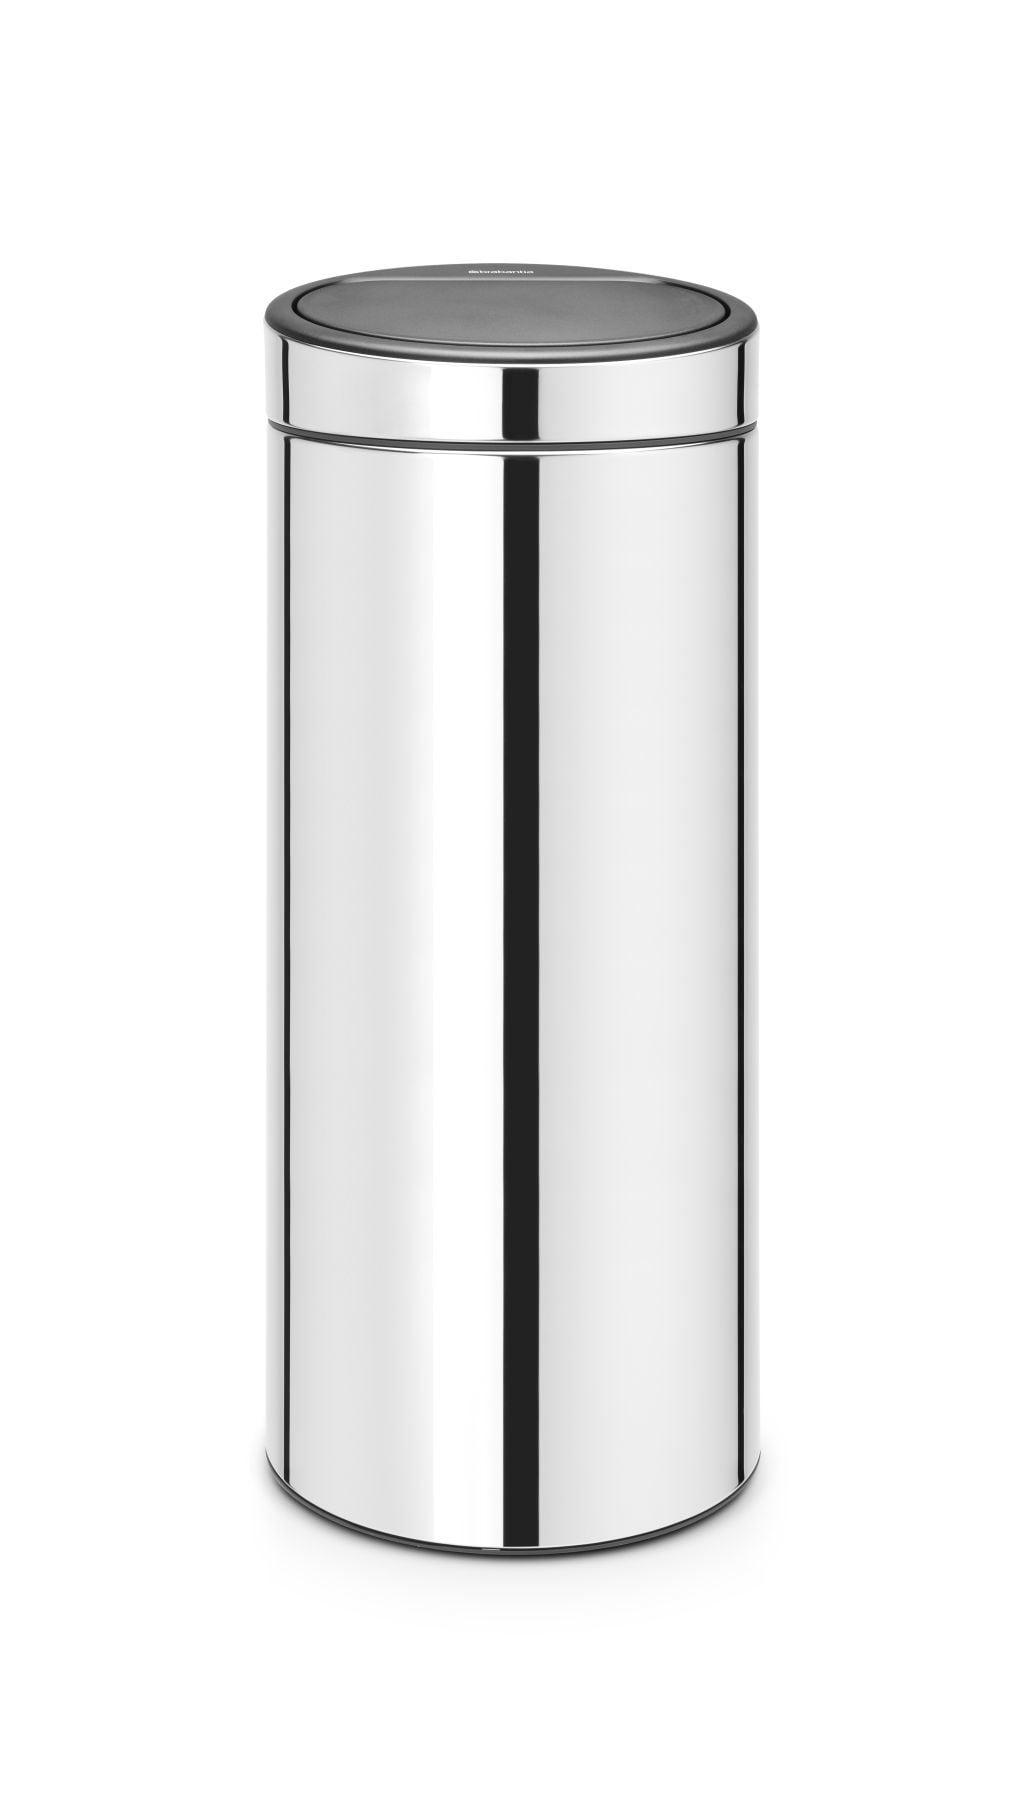 Brabantia Touch Bin 30 Liter Afvalemmer.Brabantia Touch Bin New Afvalemmer 30 Liter Brilliant Steel Brabantia Touch Bin New Afvalemmer 30 Liter Brilliant Steel